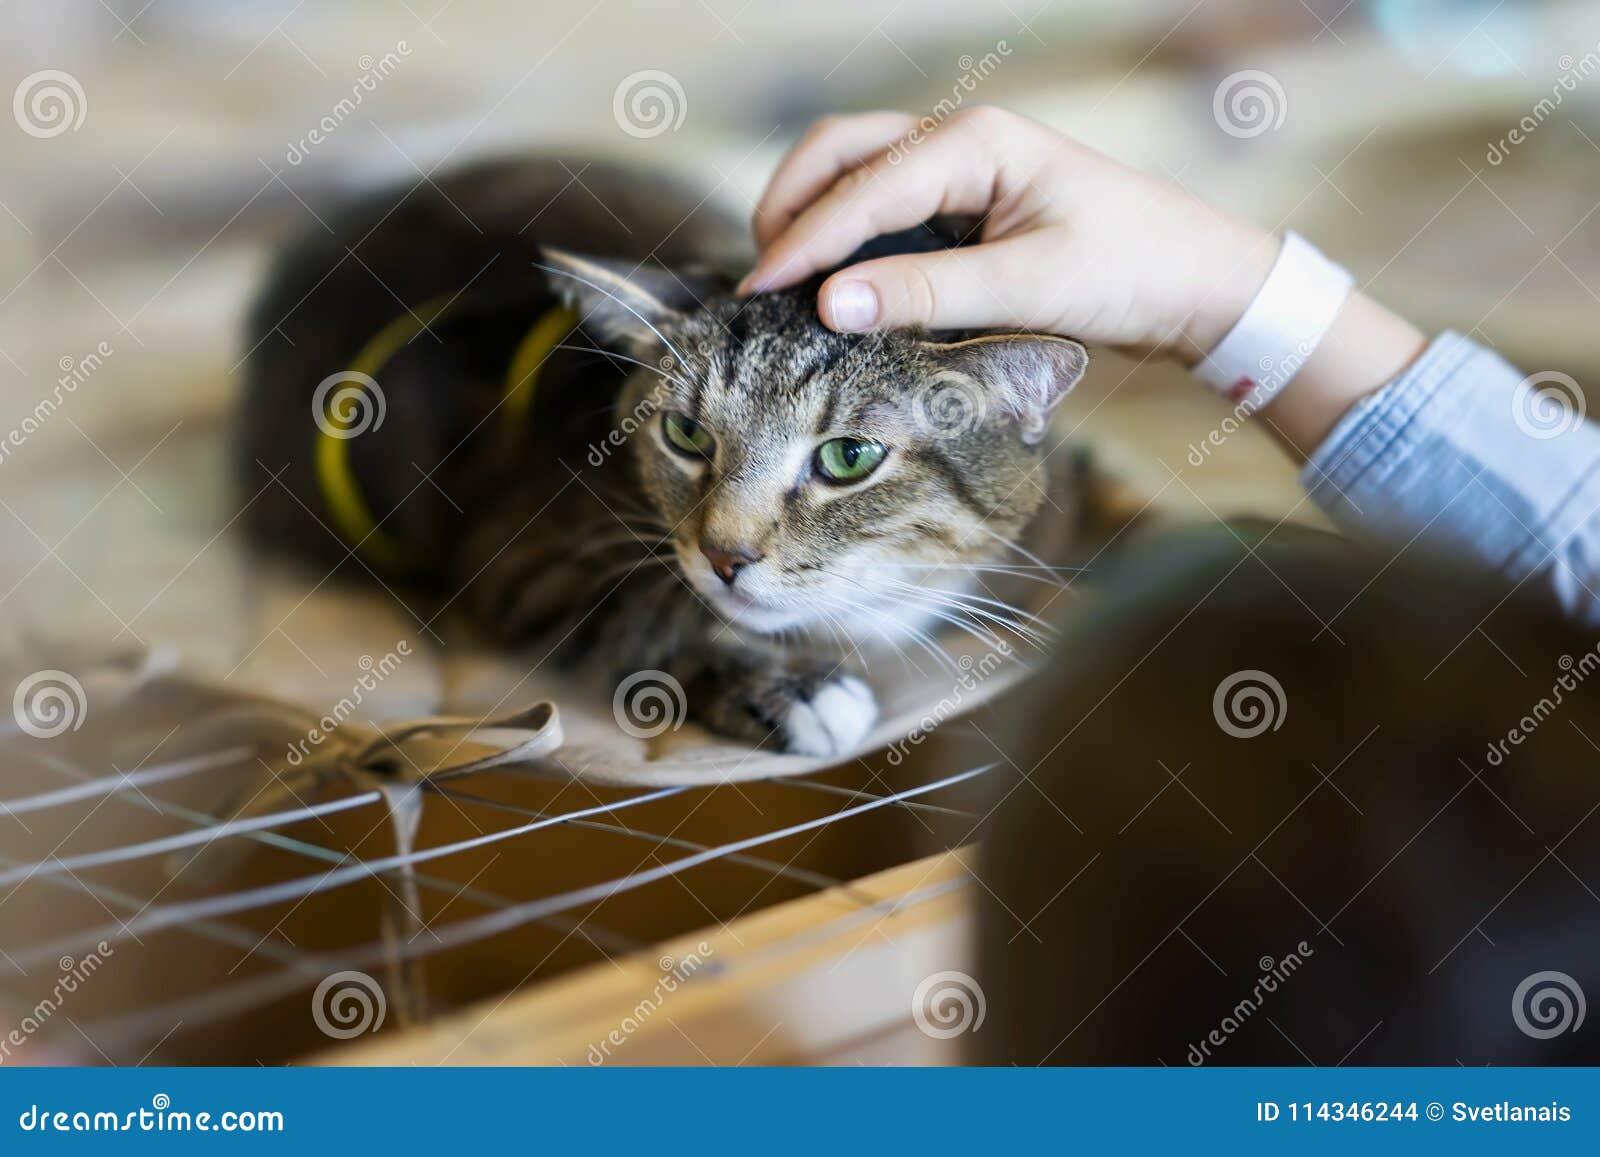 Przestraszony bezdomny samotny kot z przelękłym spojrzeniem, kłama na klatce w schroniskowym czekaniu dla domu, dla someone adopt